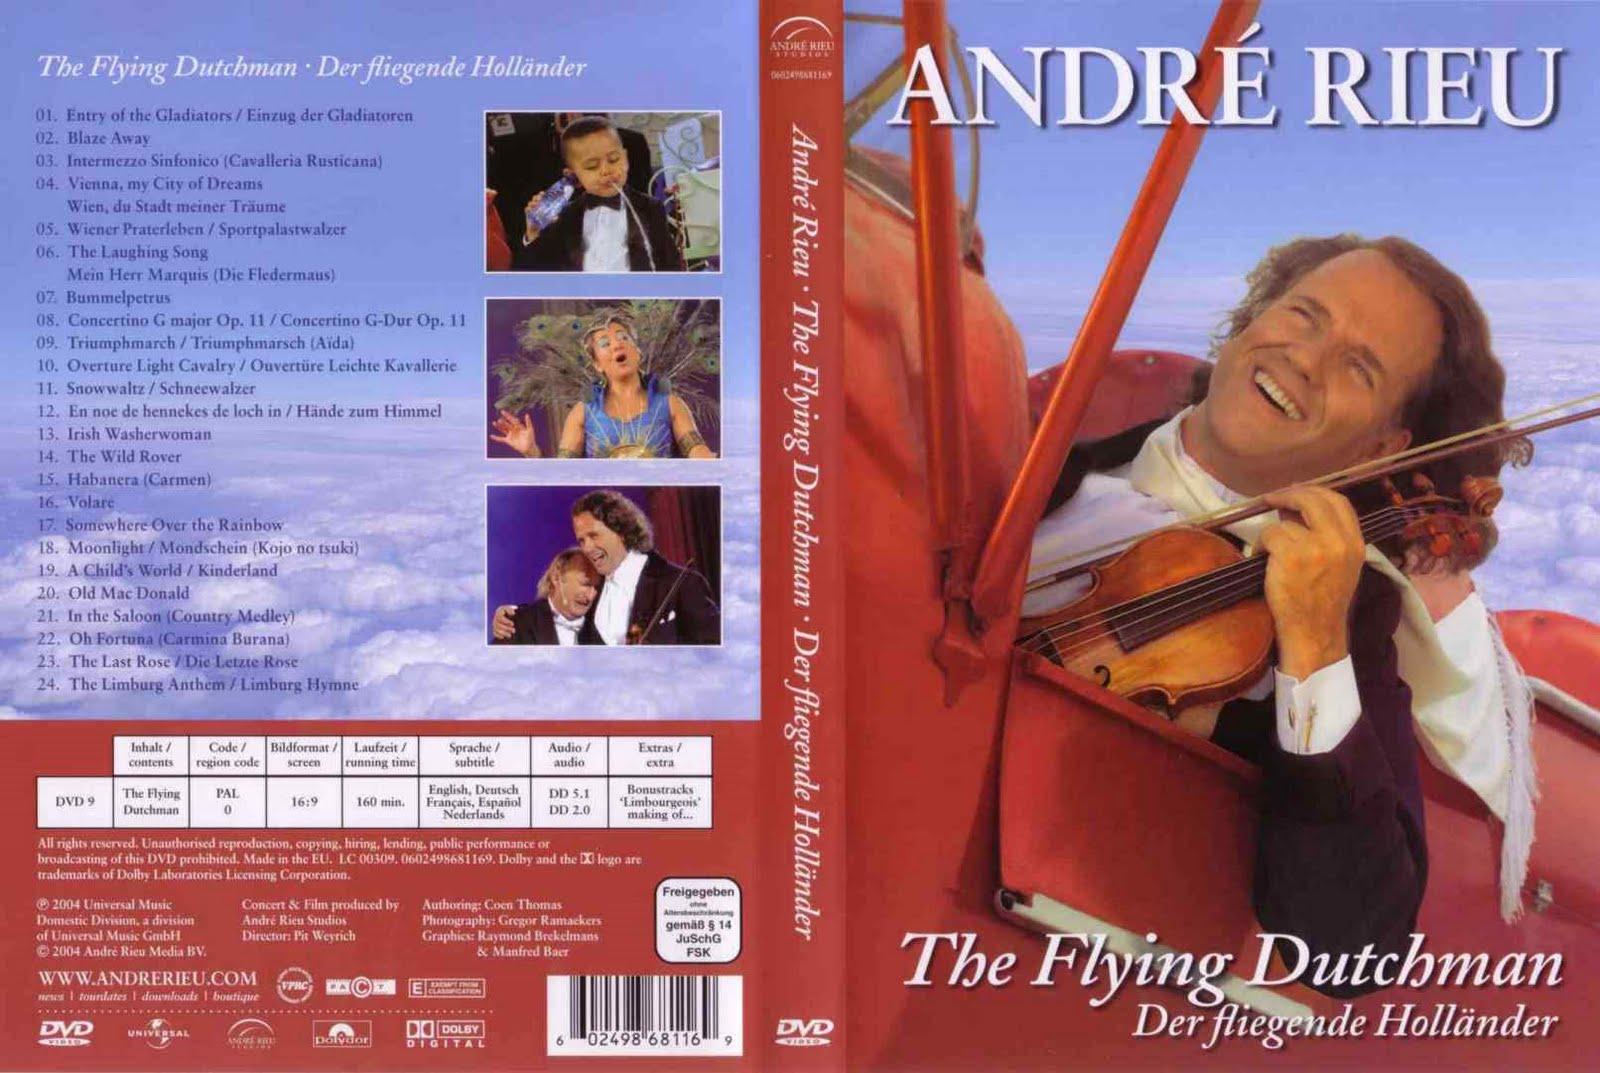 http://1.bp.blogspot.com/_se0zHB8H7oU/S_L8TdJbGRI/AAAAAAAACZY/-Hlms8xxSUE/s1600/Andre+Rieu+-+Der+fliegende+Holl%C3%A4nder+-+Cover.jpg